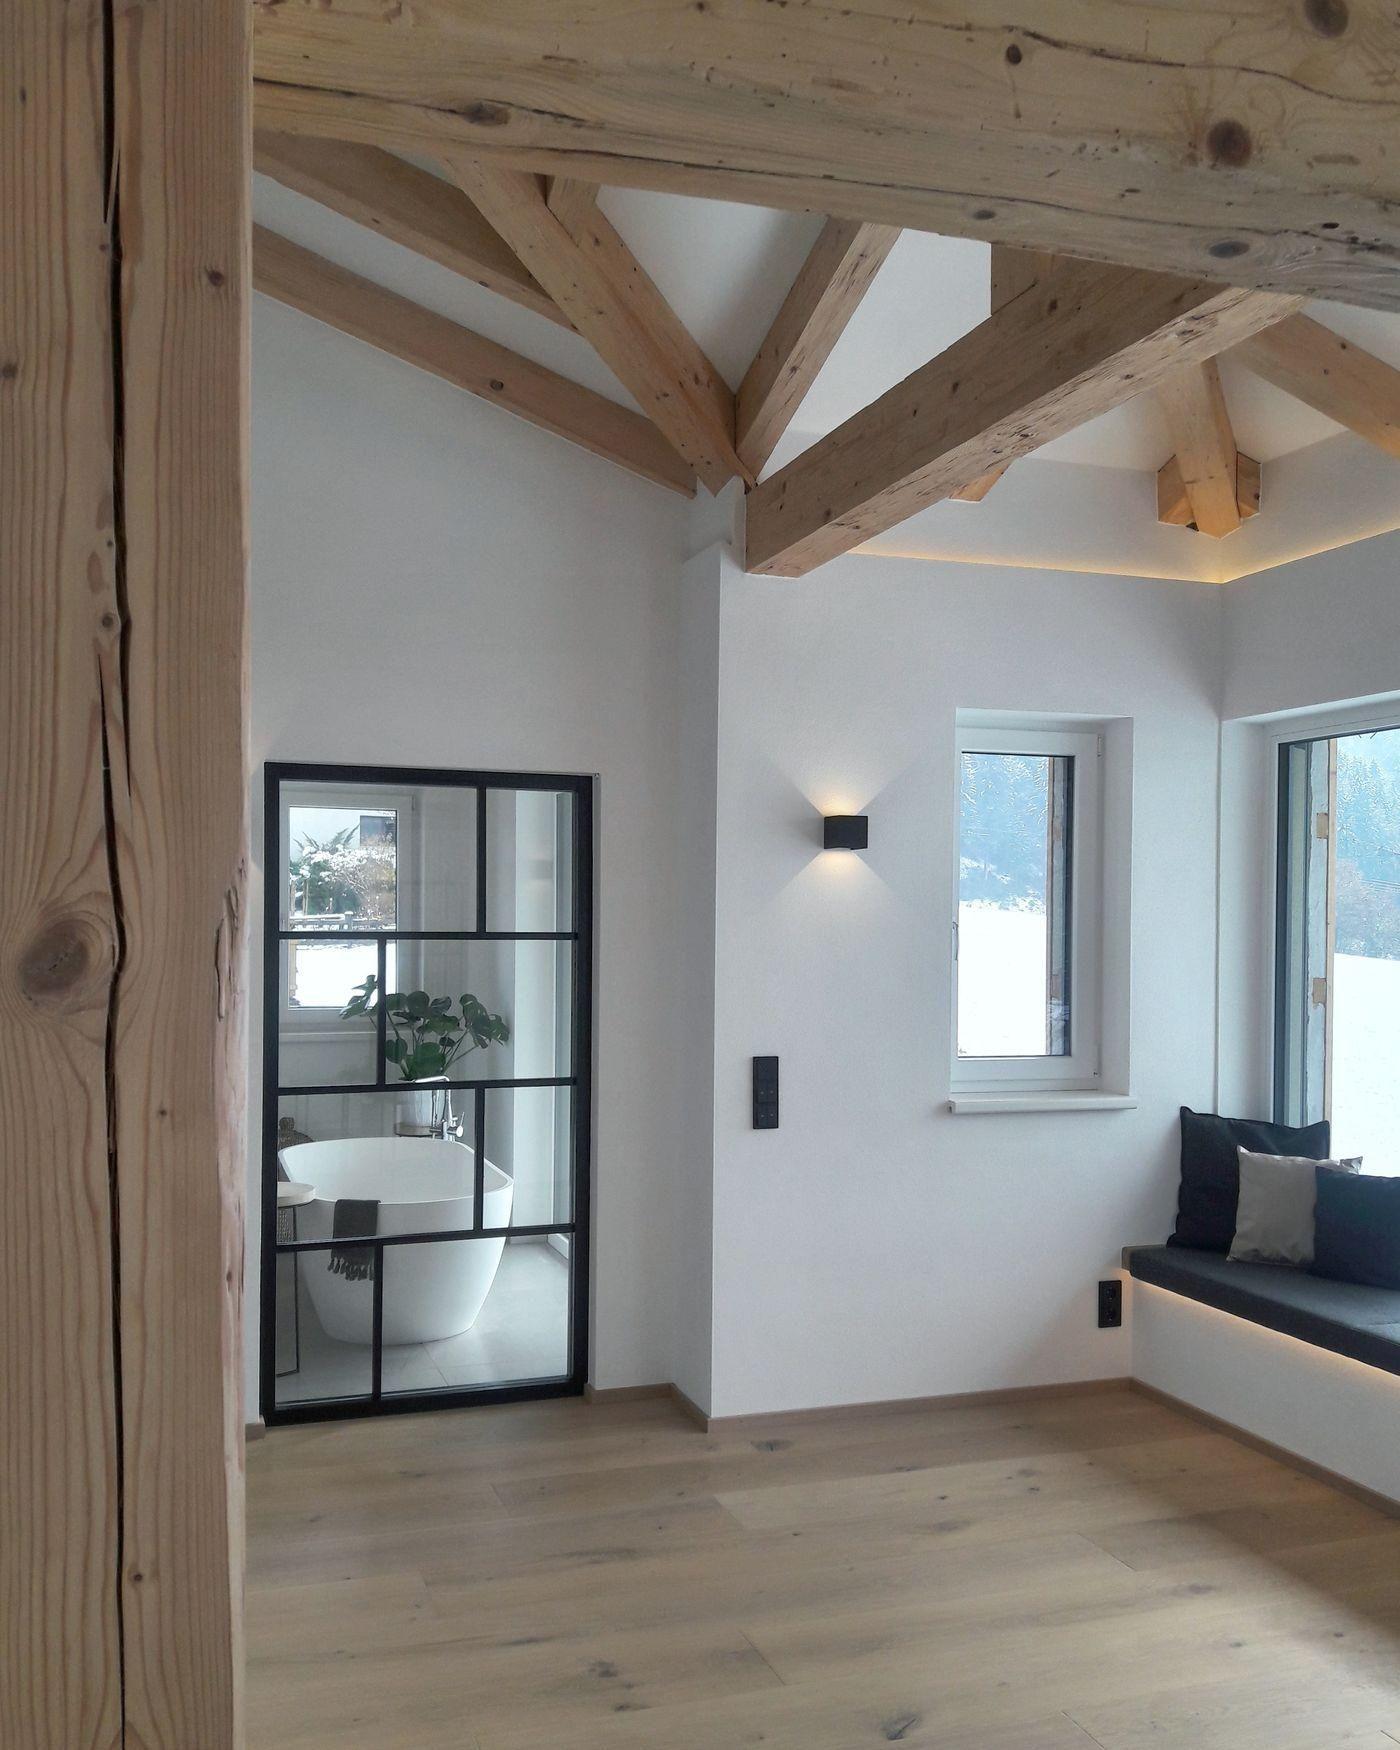 Schlafzimmer Ideen Dachgeschoss In 2020 Sichtdachstuhl Wohnen